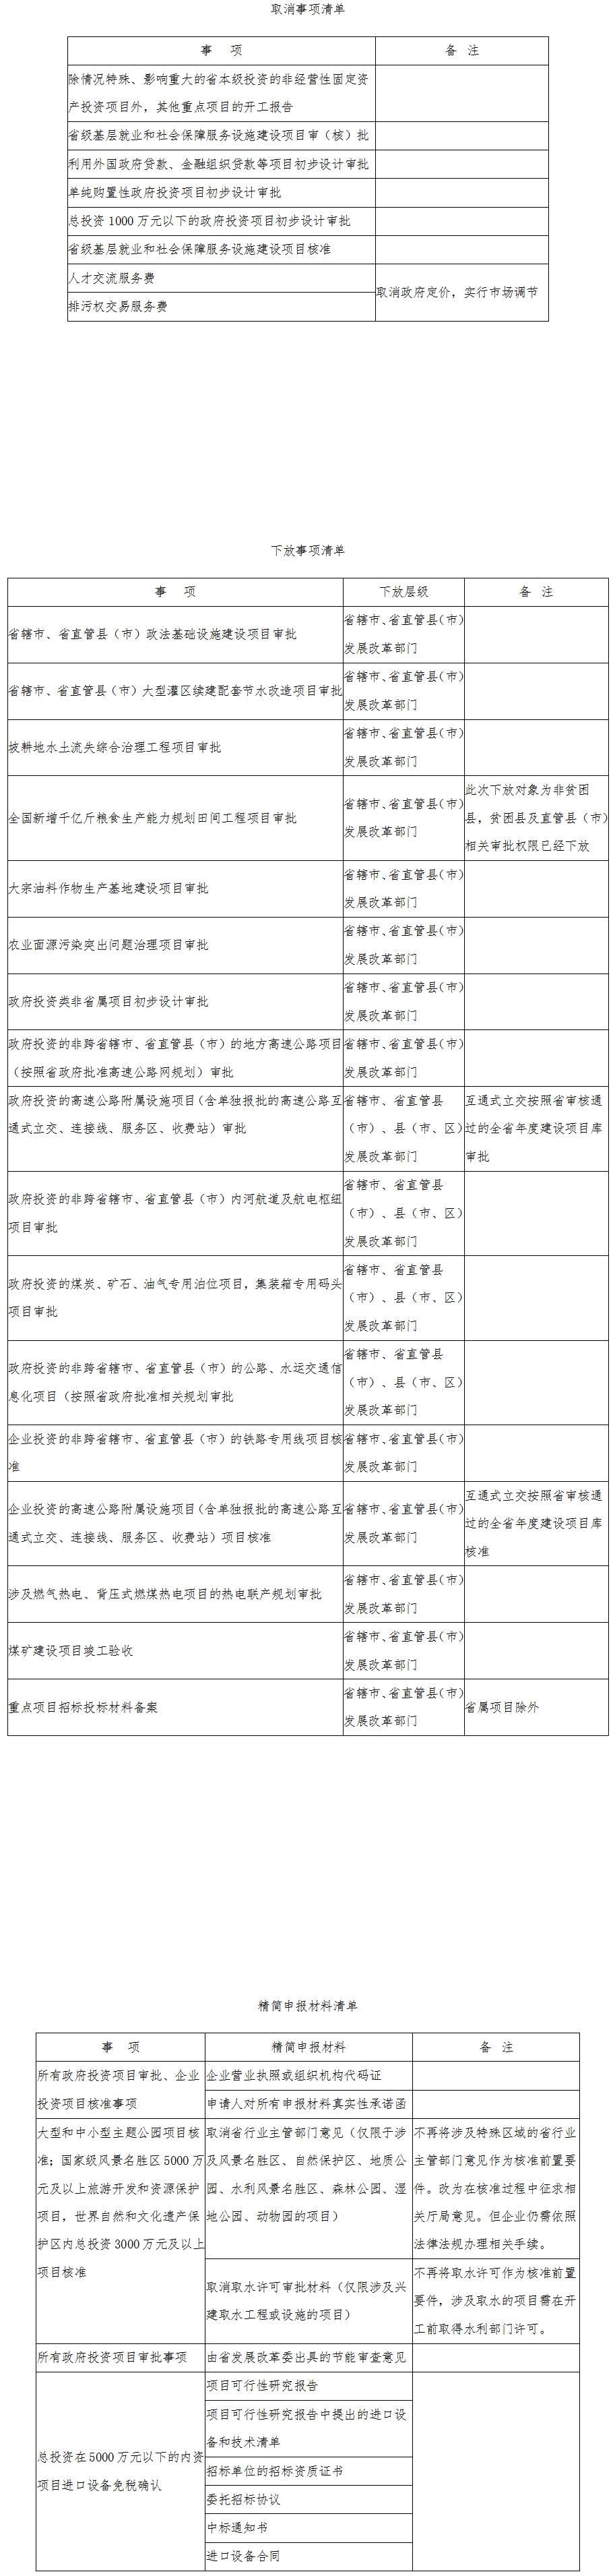 豫发改投资〔2017〕1240号《河南省发展和改革委员会关于精简下放一批审批事项的通知》